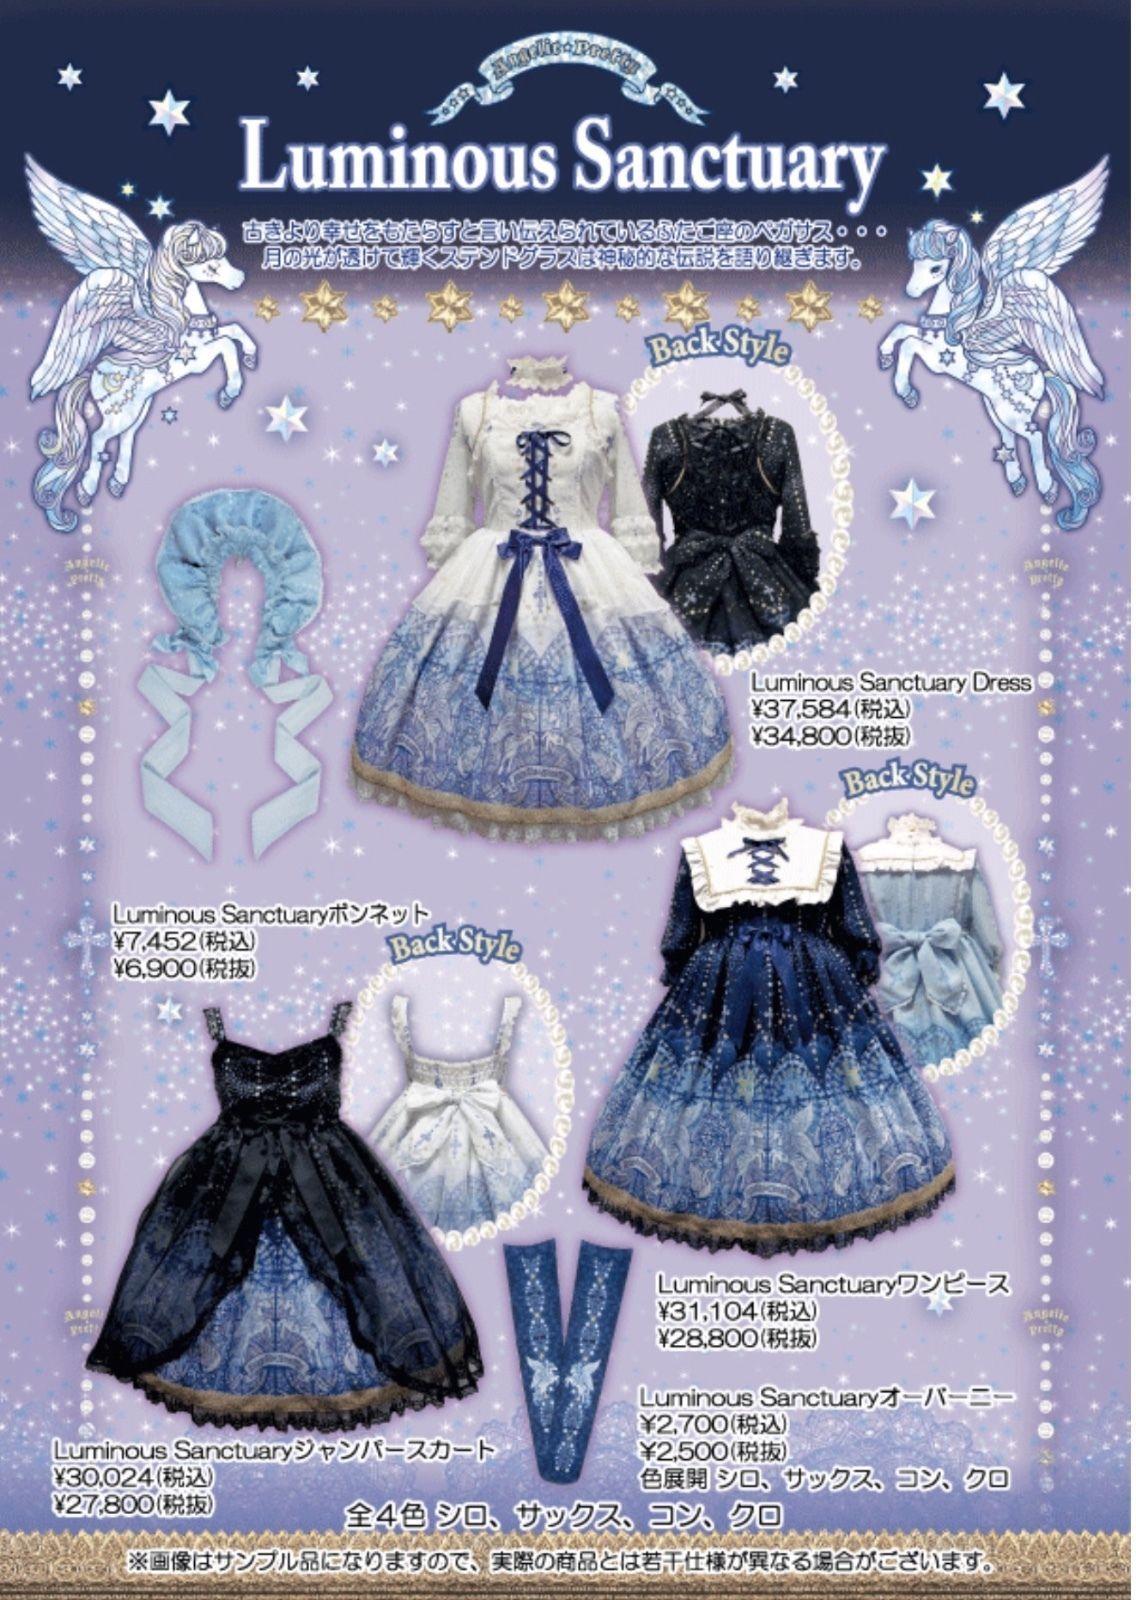 Angelic Pretty Luminous Sanctuary Dress + Choker Lolita Japanese Fashion Kawaii image 4